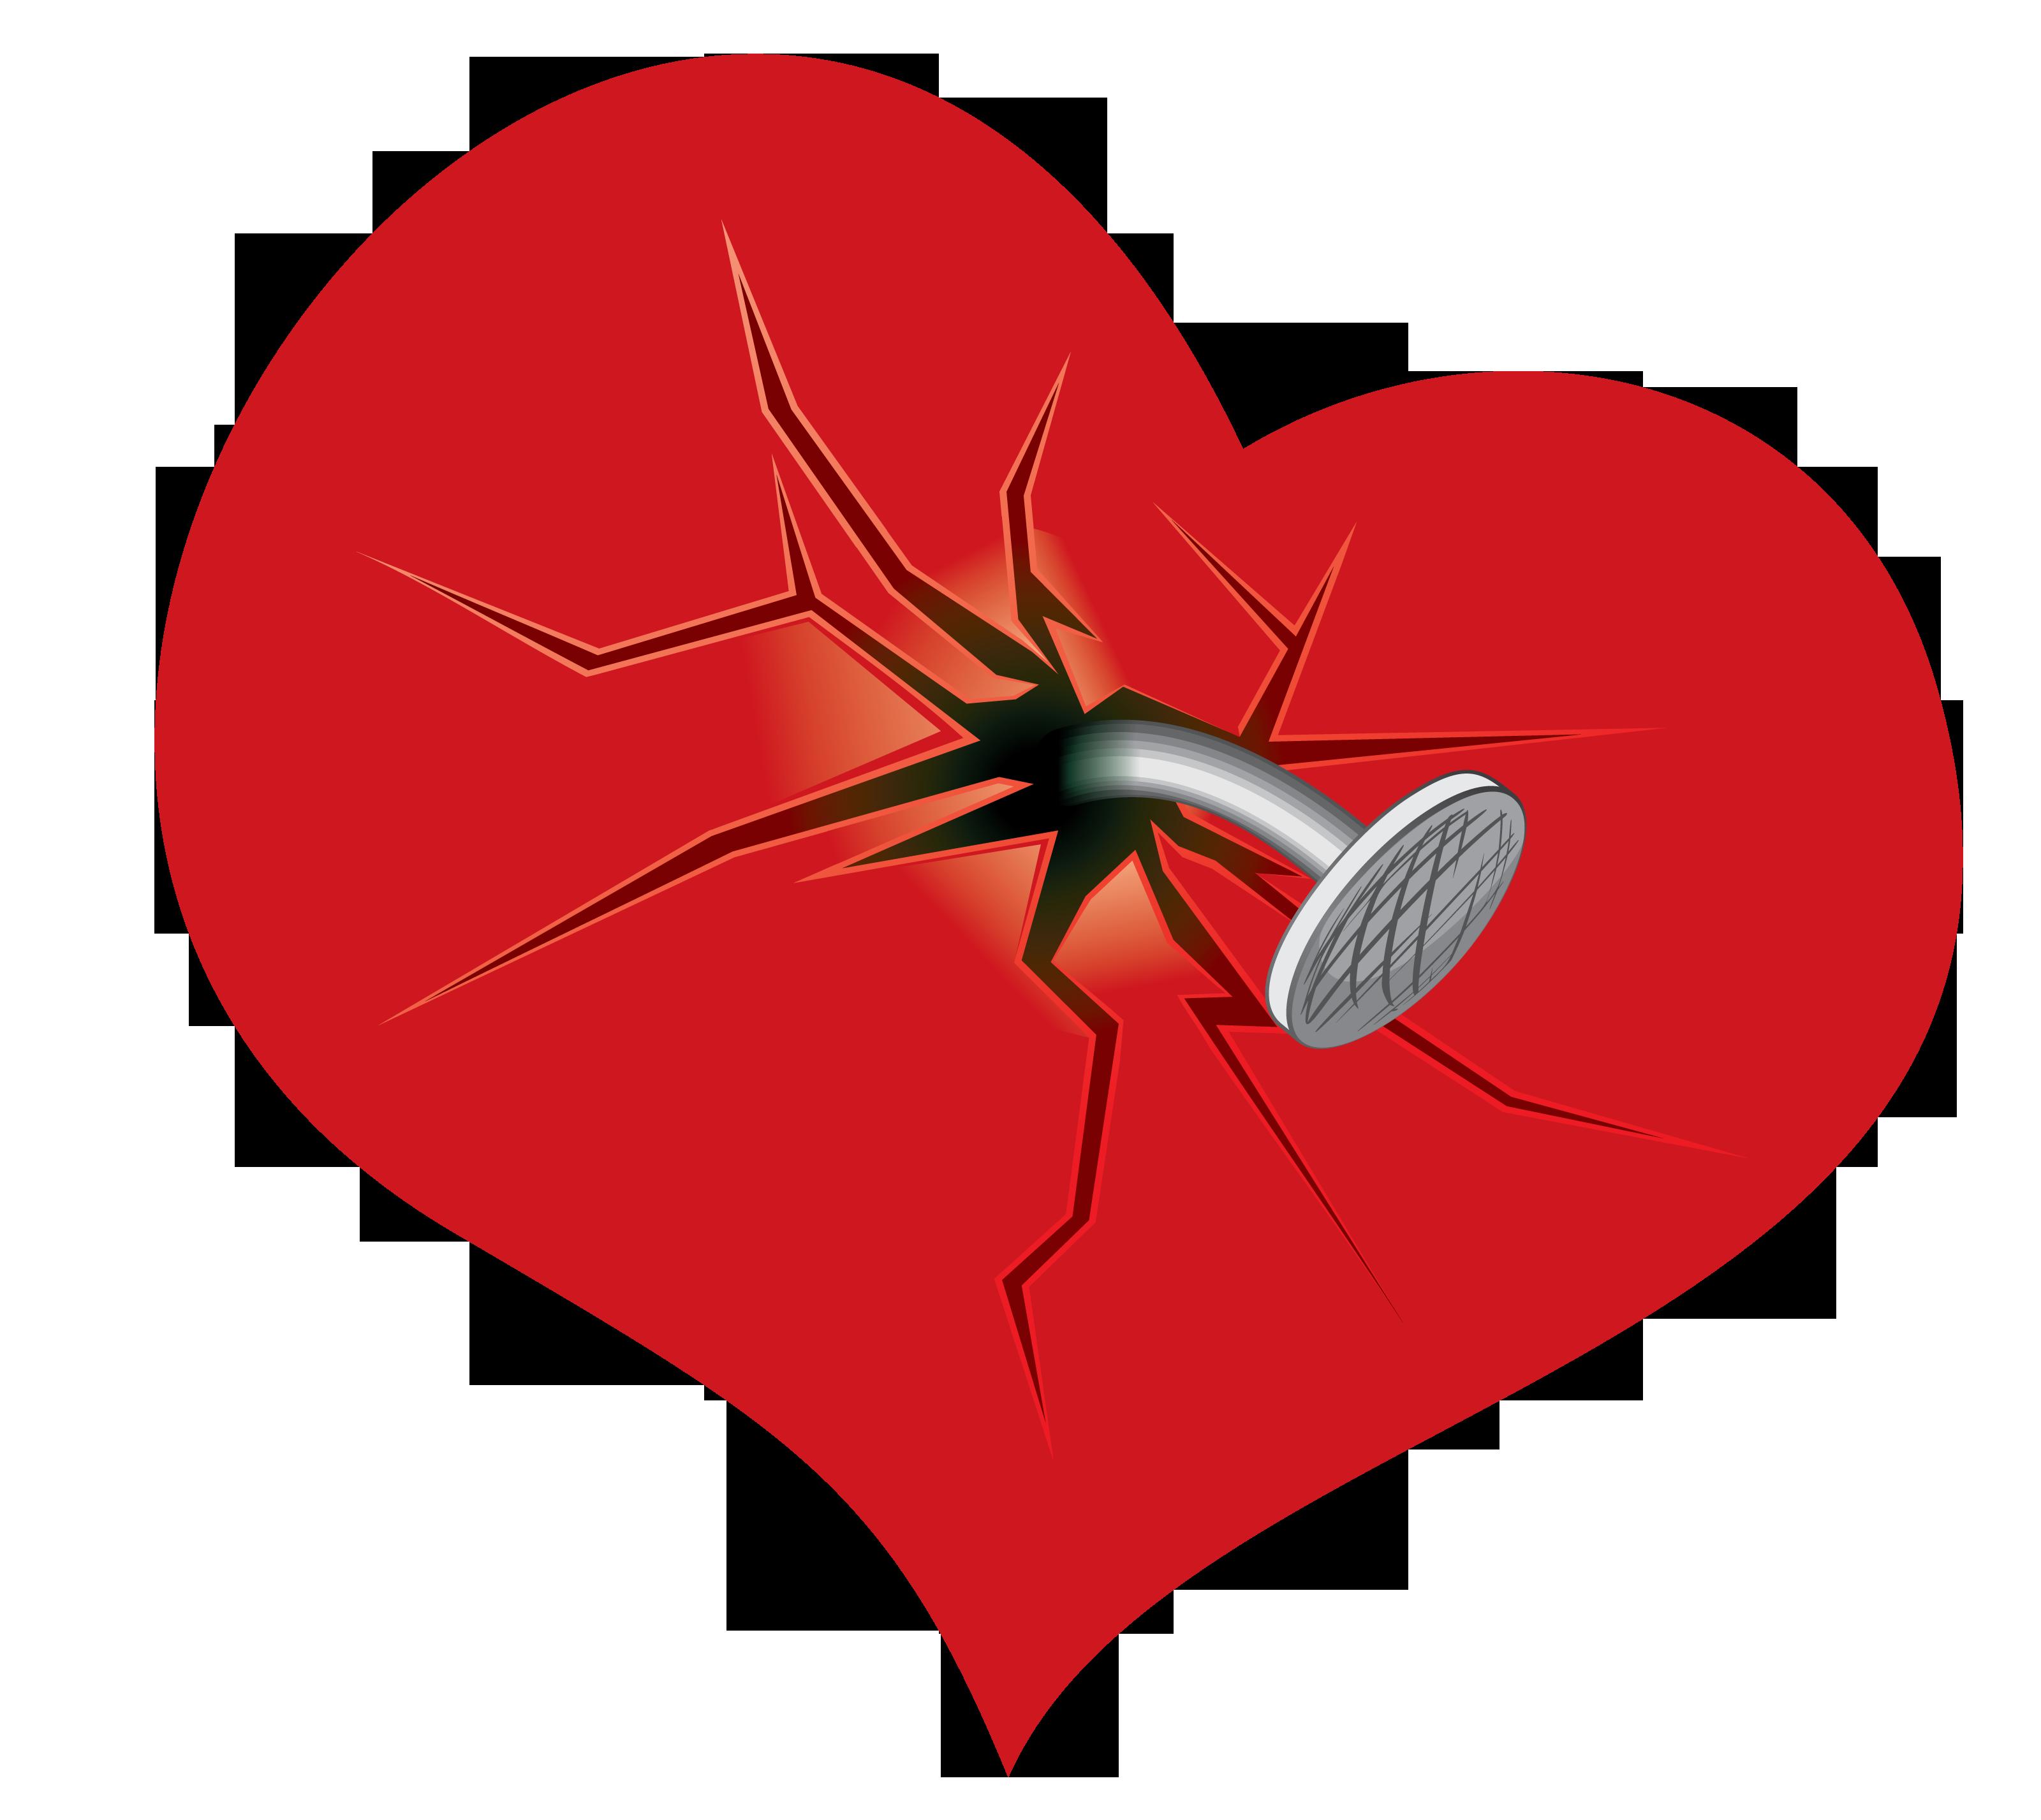 Heart broken clipart jpg transparent Broken Heart PNG Picture Clipart | Gallery Yopriceville - High ... jpg transparent